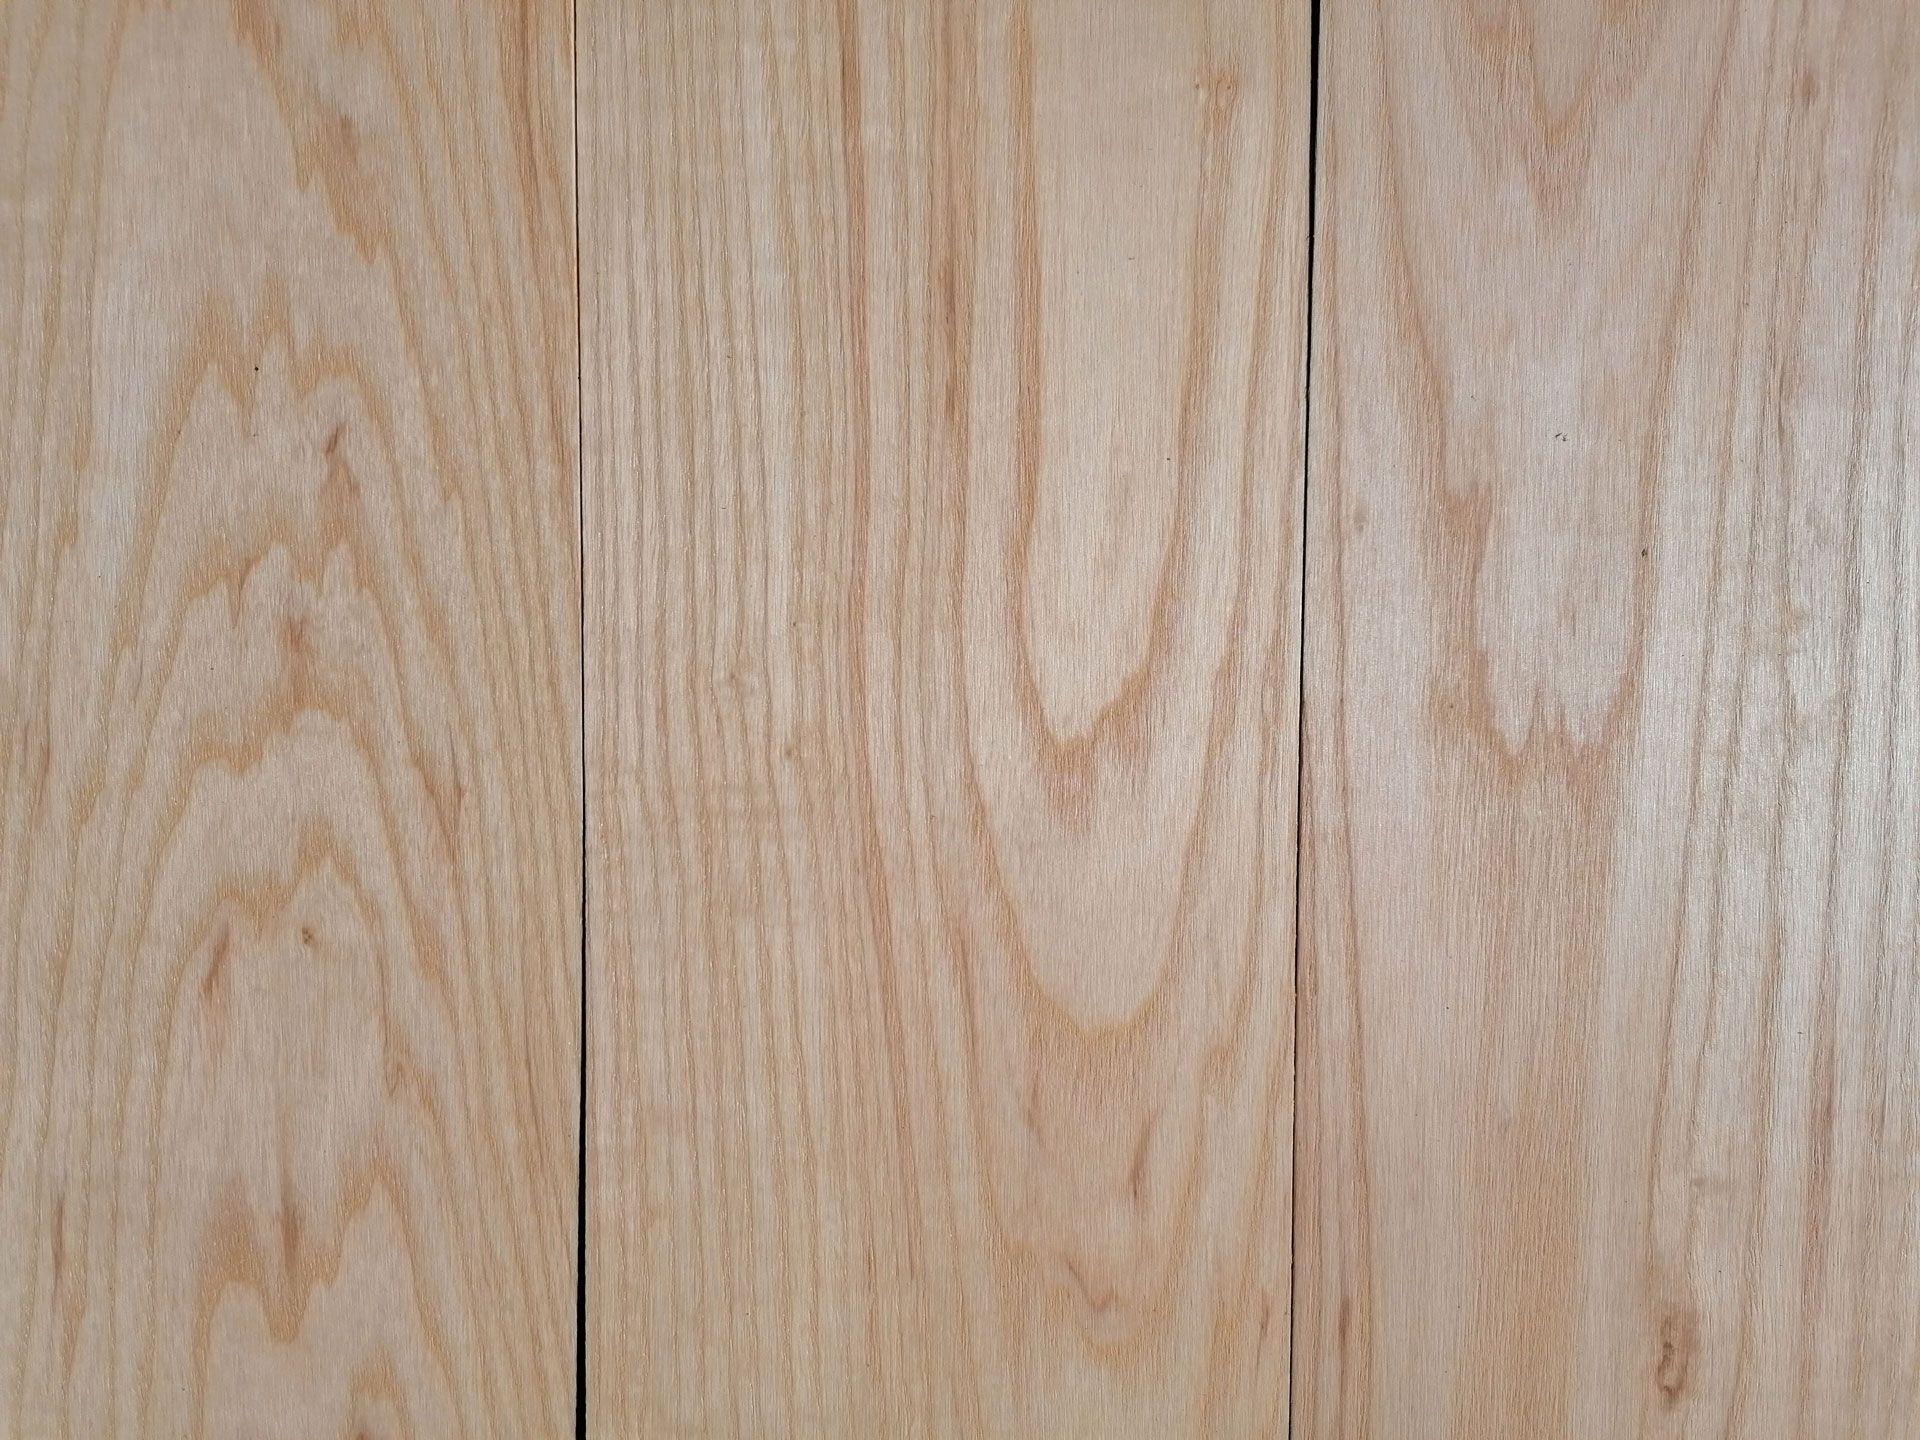 Suelo de madera de Fresno